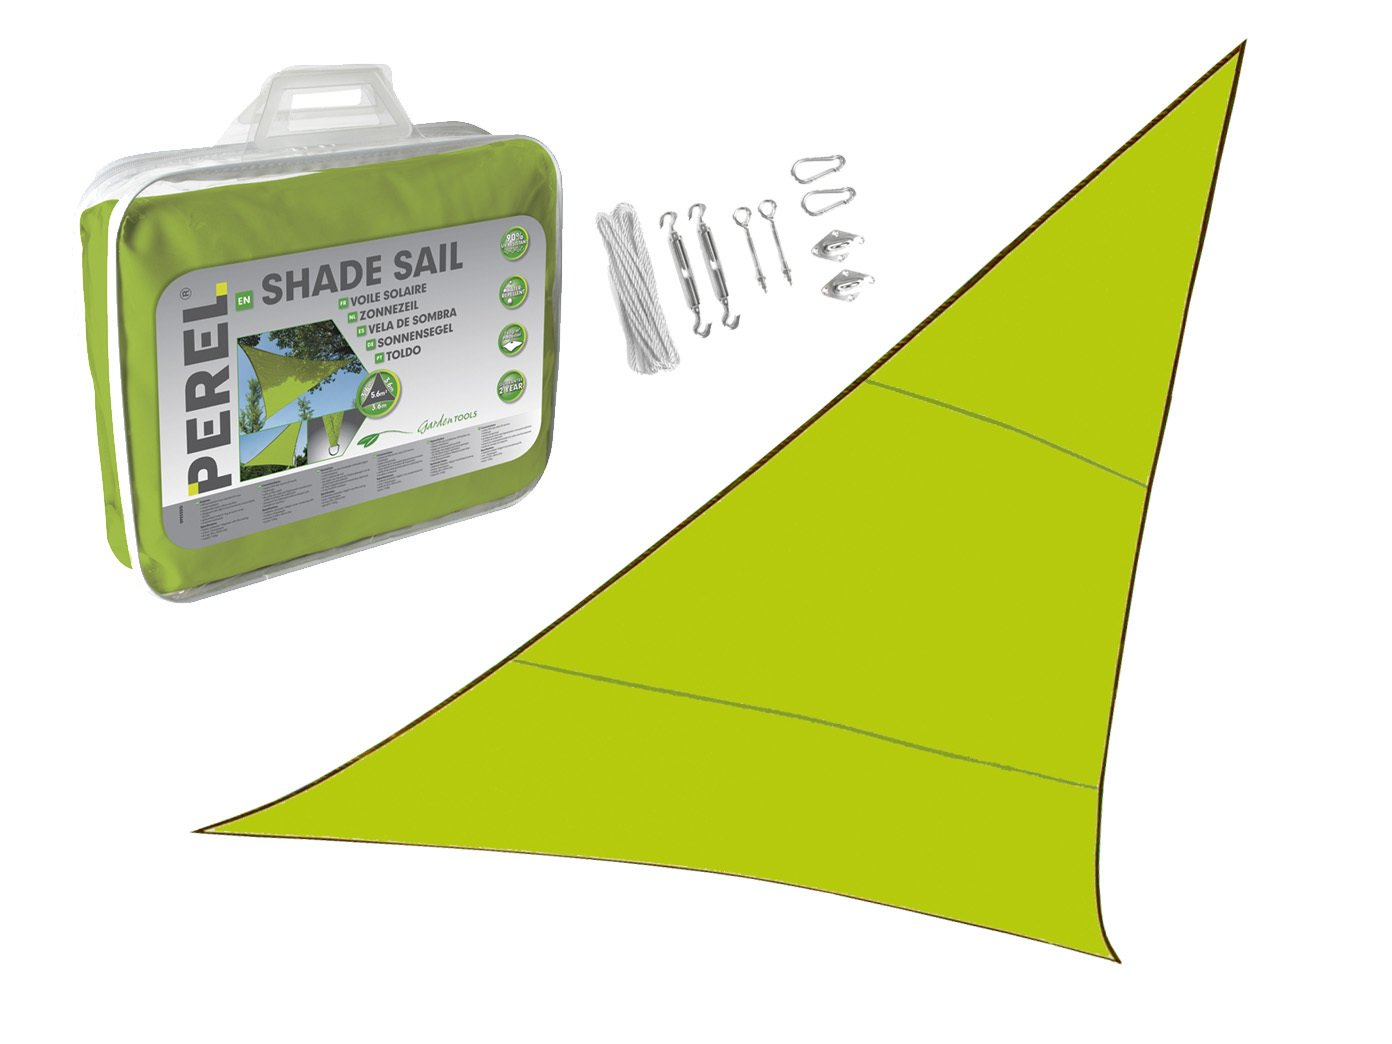 Sonnensegel Dreieck 5m Farbe Grün Ihren mit praktischem Ösen Montagekit - Sonnenschutz für Ihren Grün Garten   Balkon  b126c4